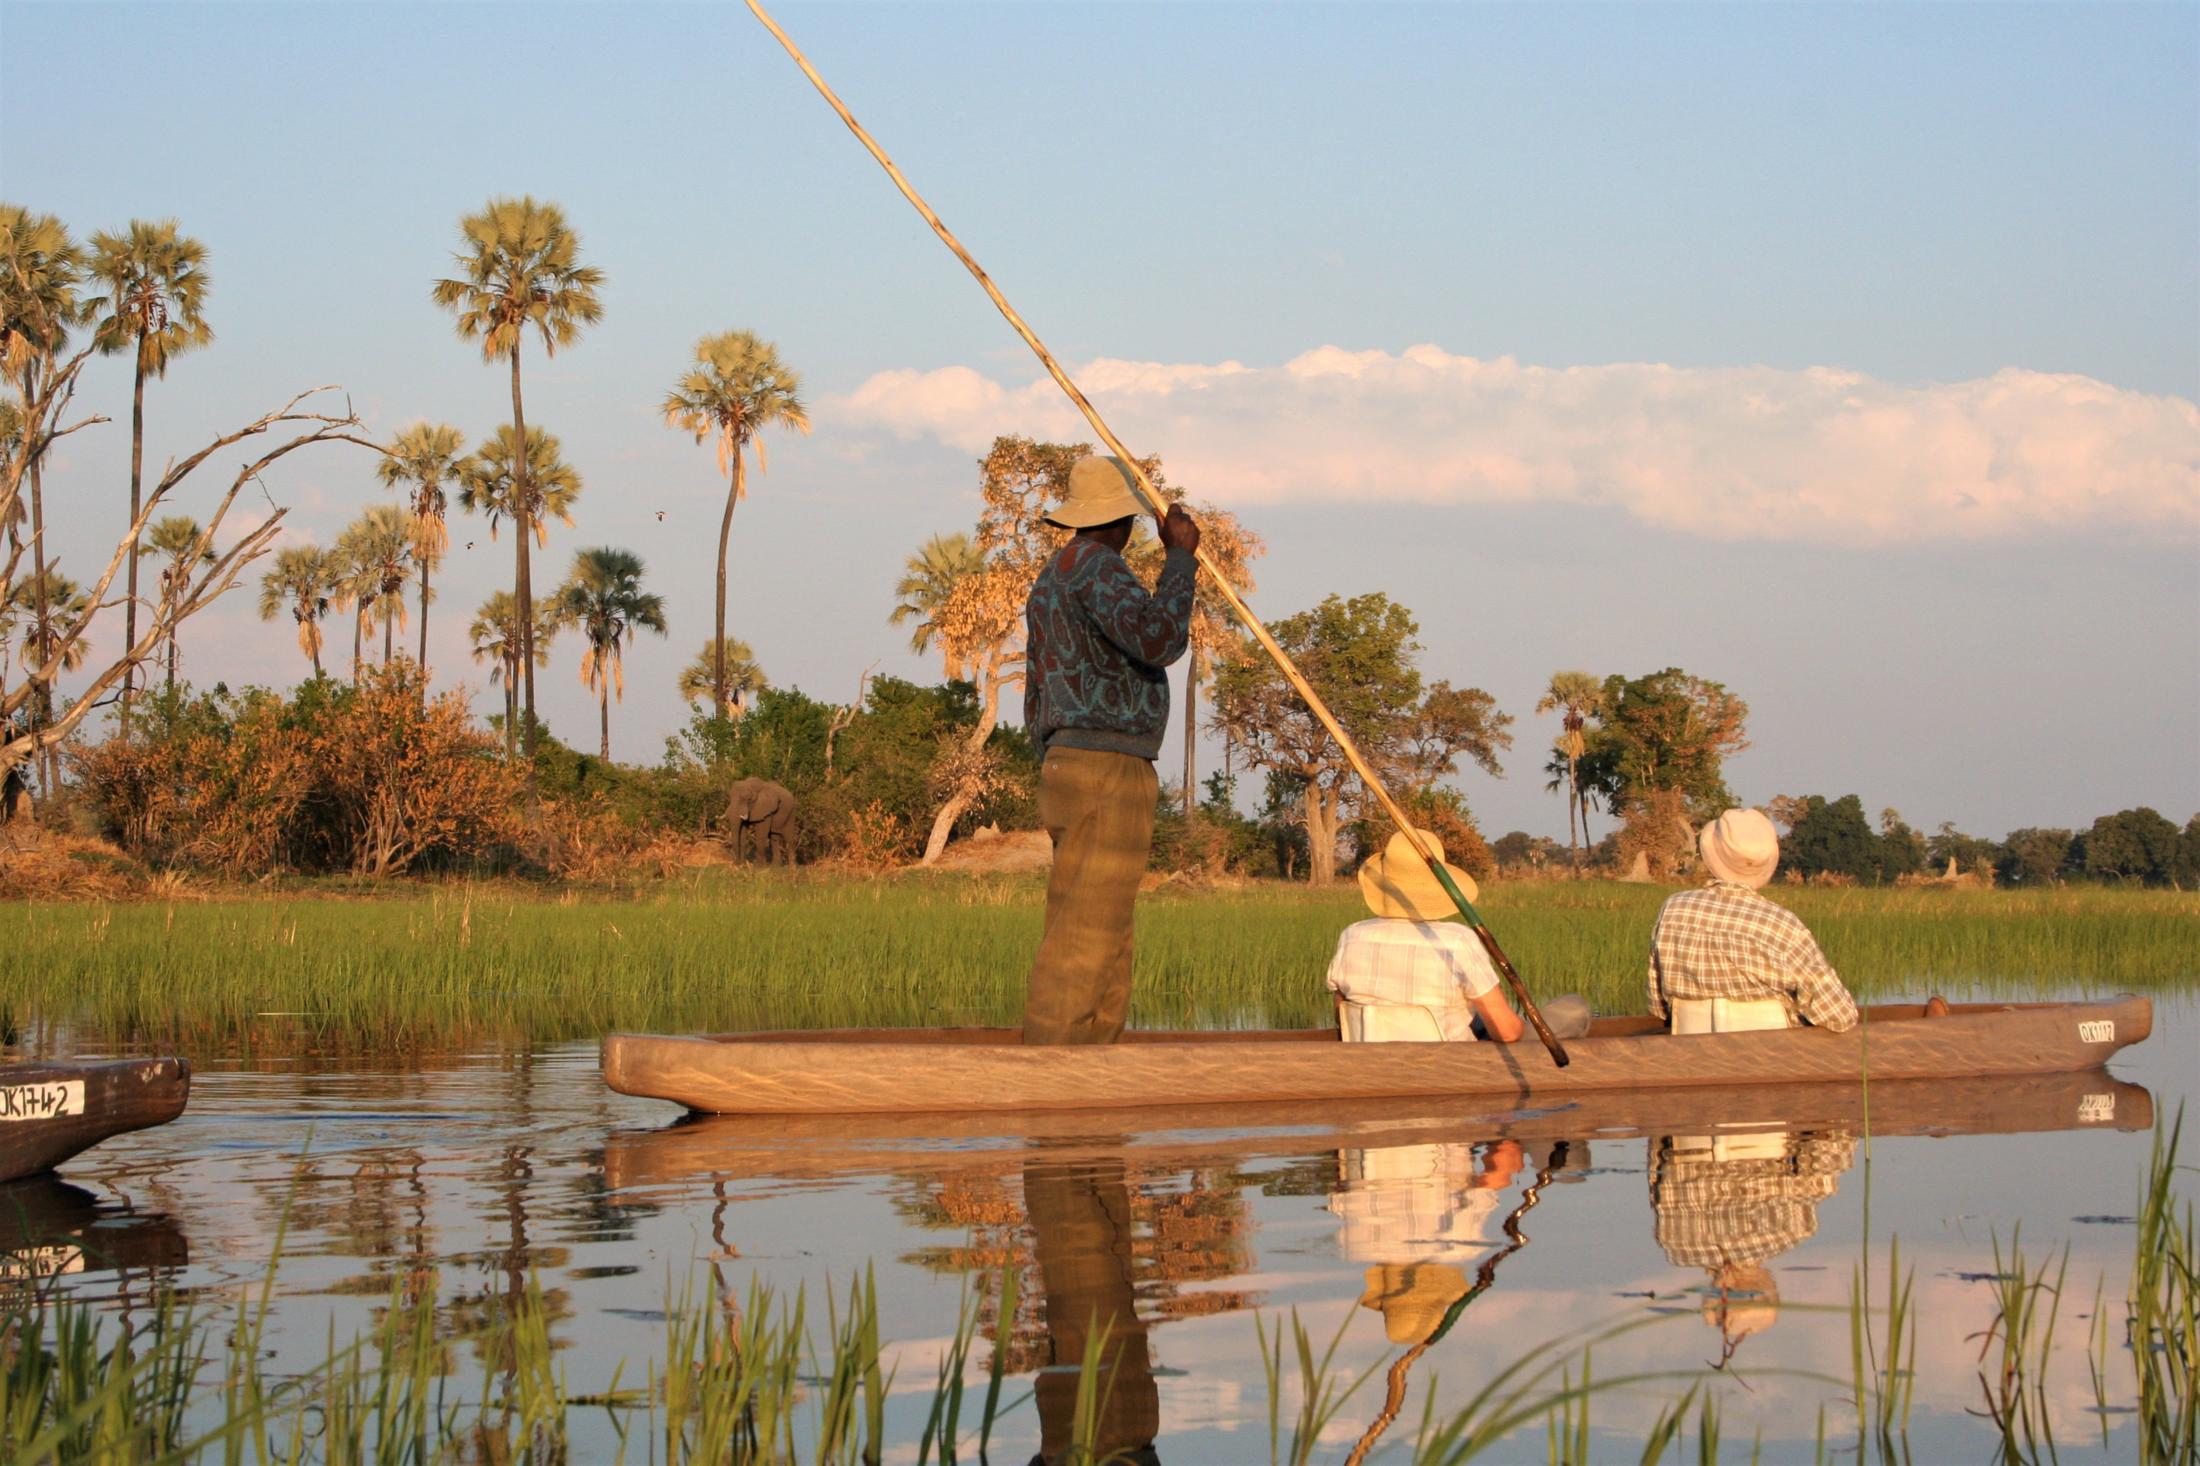 Safari & Natuur reizen Afrika - Mokortocht in de Okavango Delta, Botswana.